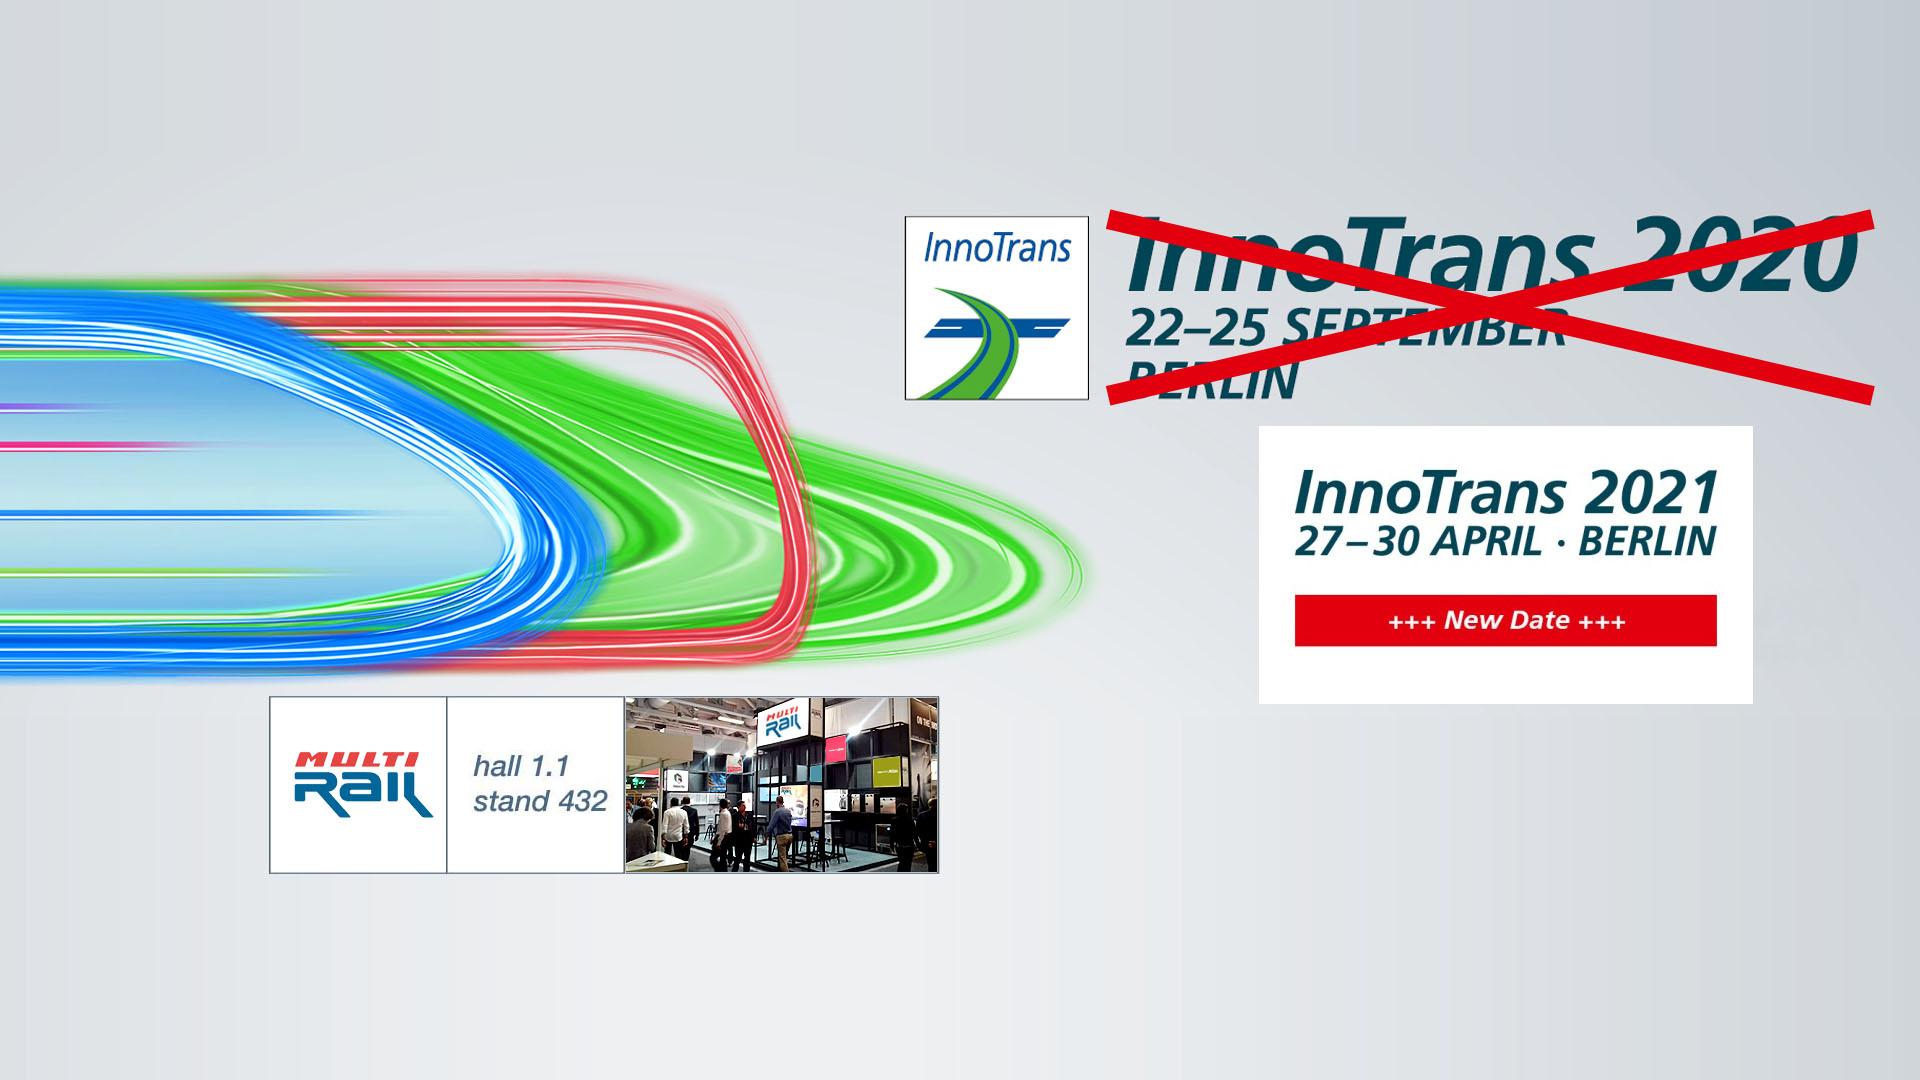 Multi Rail Innostrans 2021